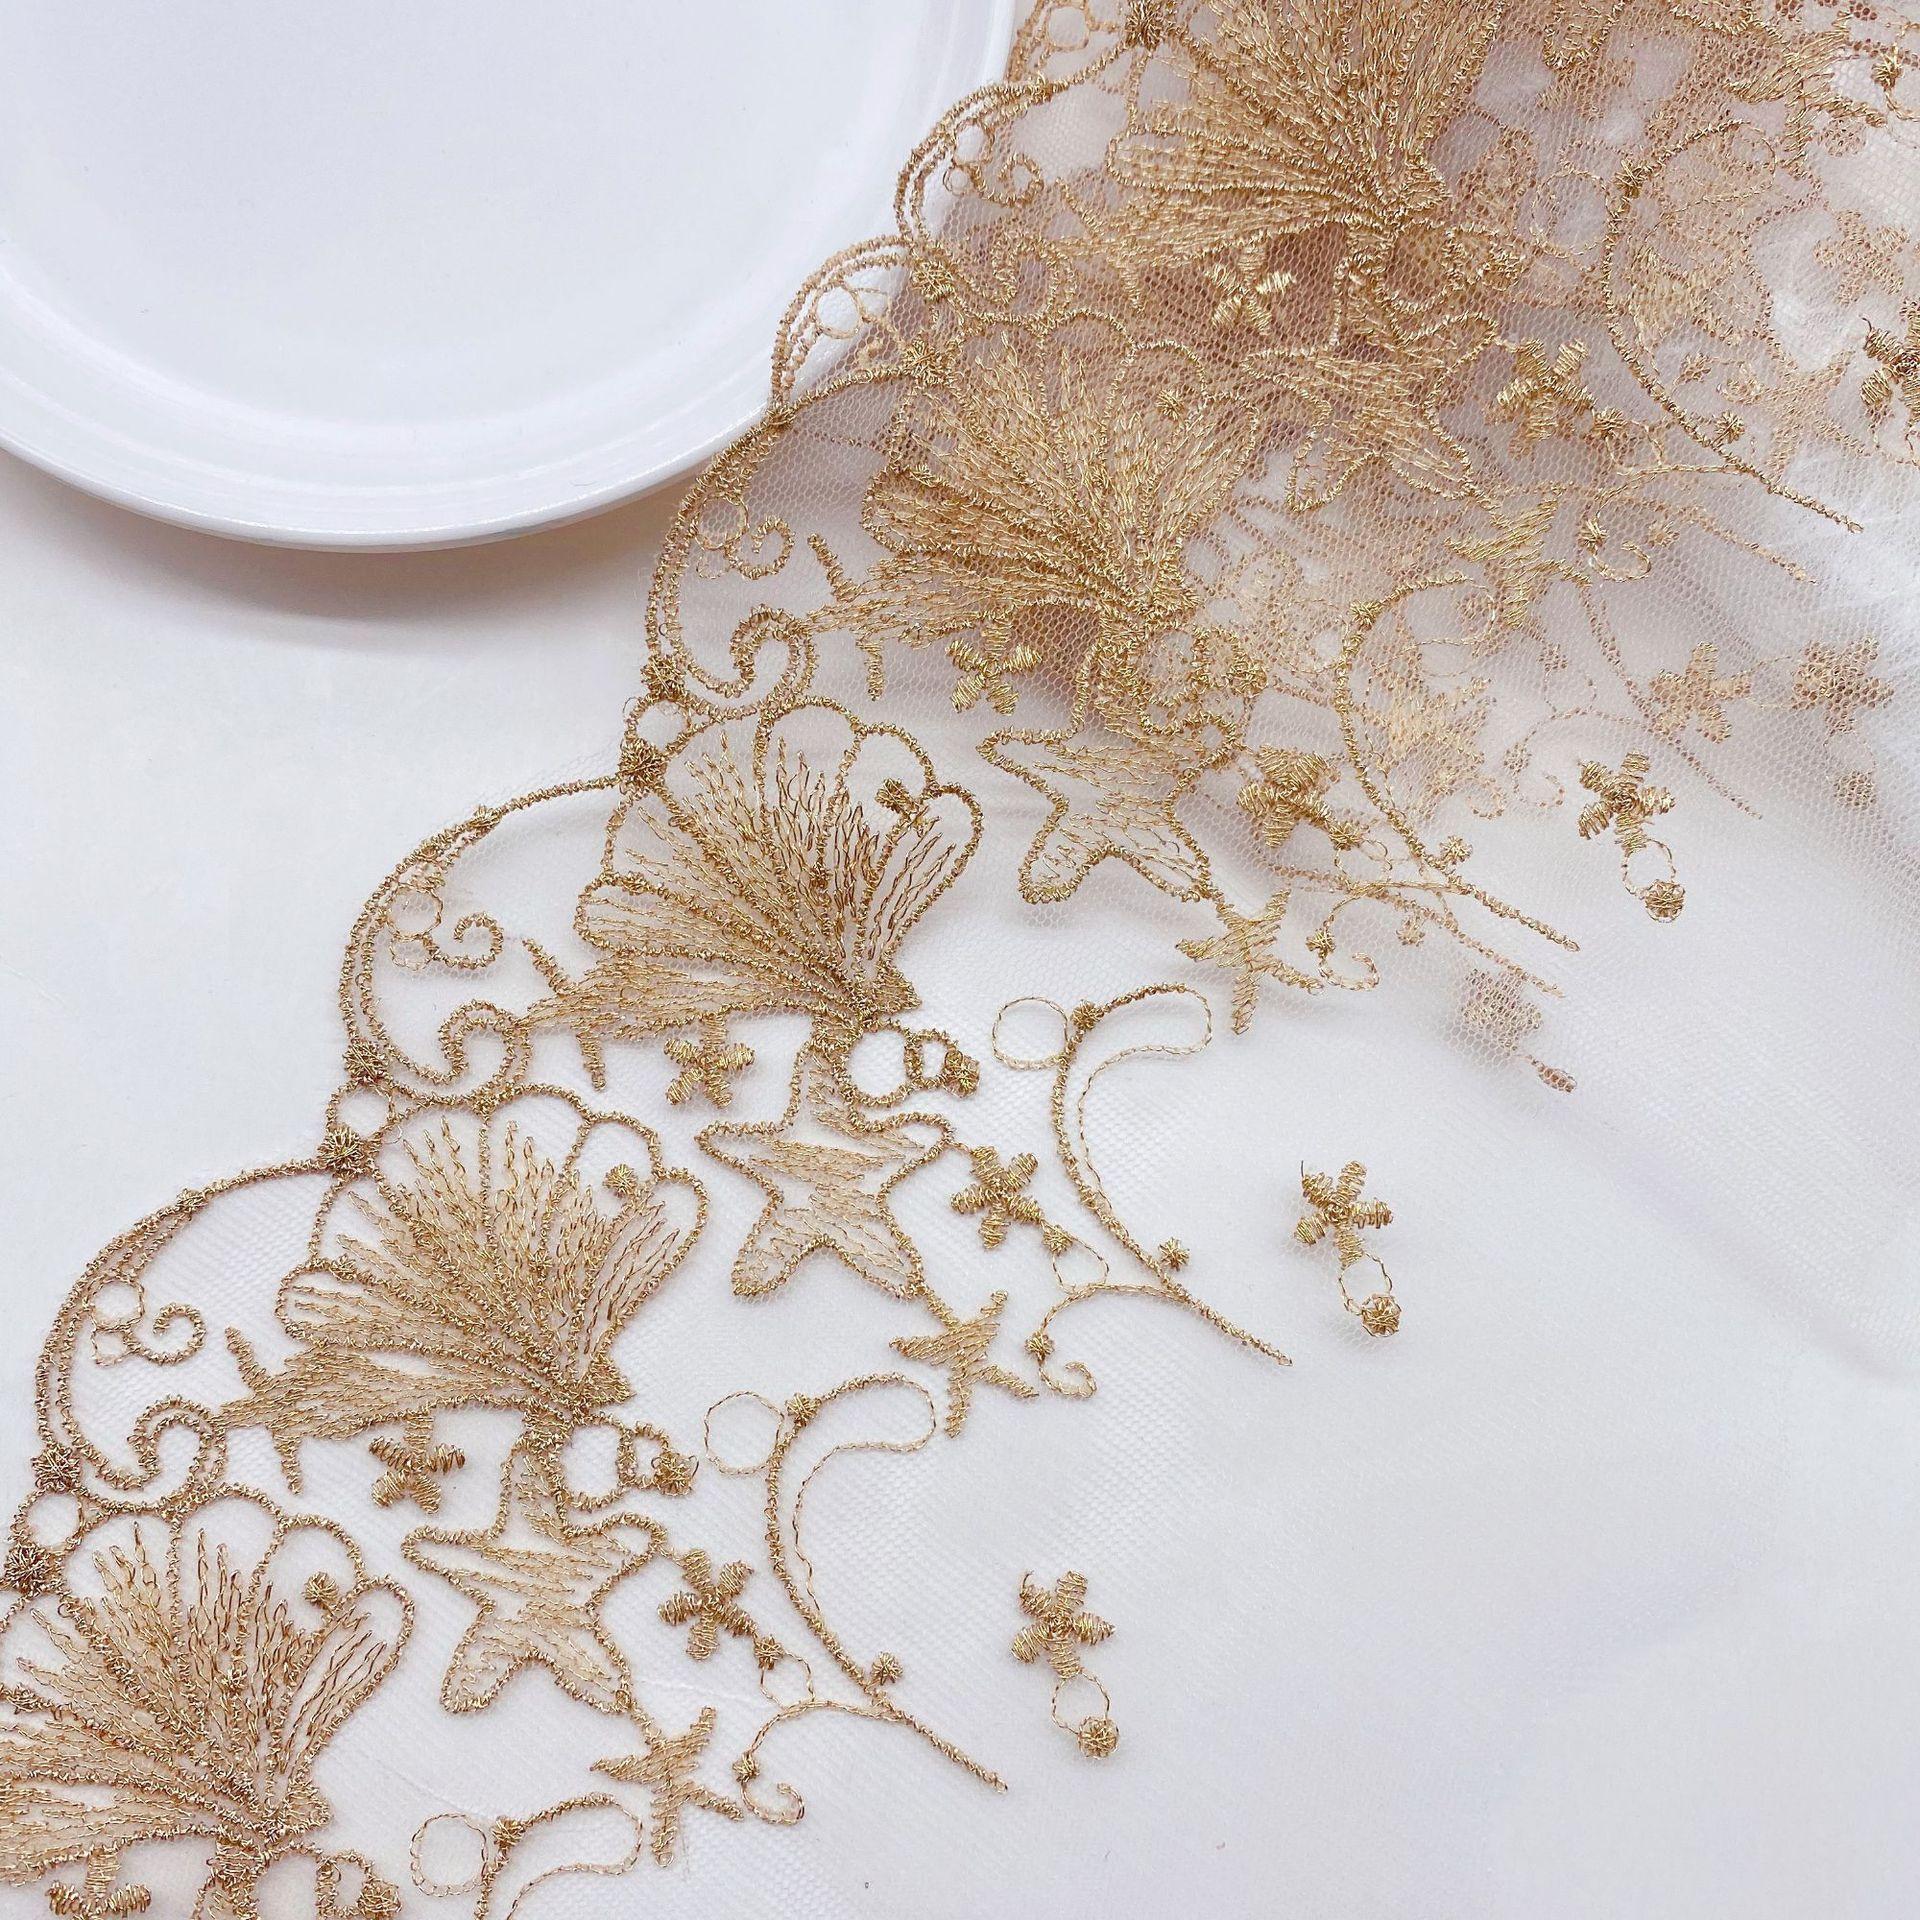 2 ярдов оболочка кружево из золотых нитей одежда аксессуары планки мелкая сетка юбки с вышивкой, платье в стиле